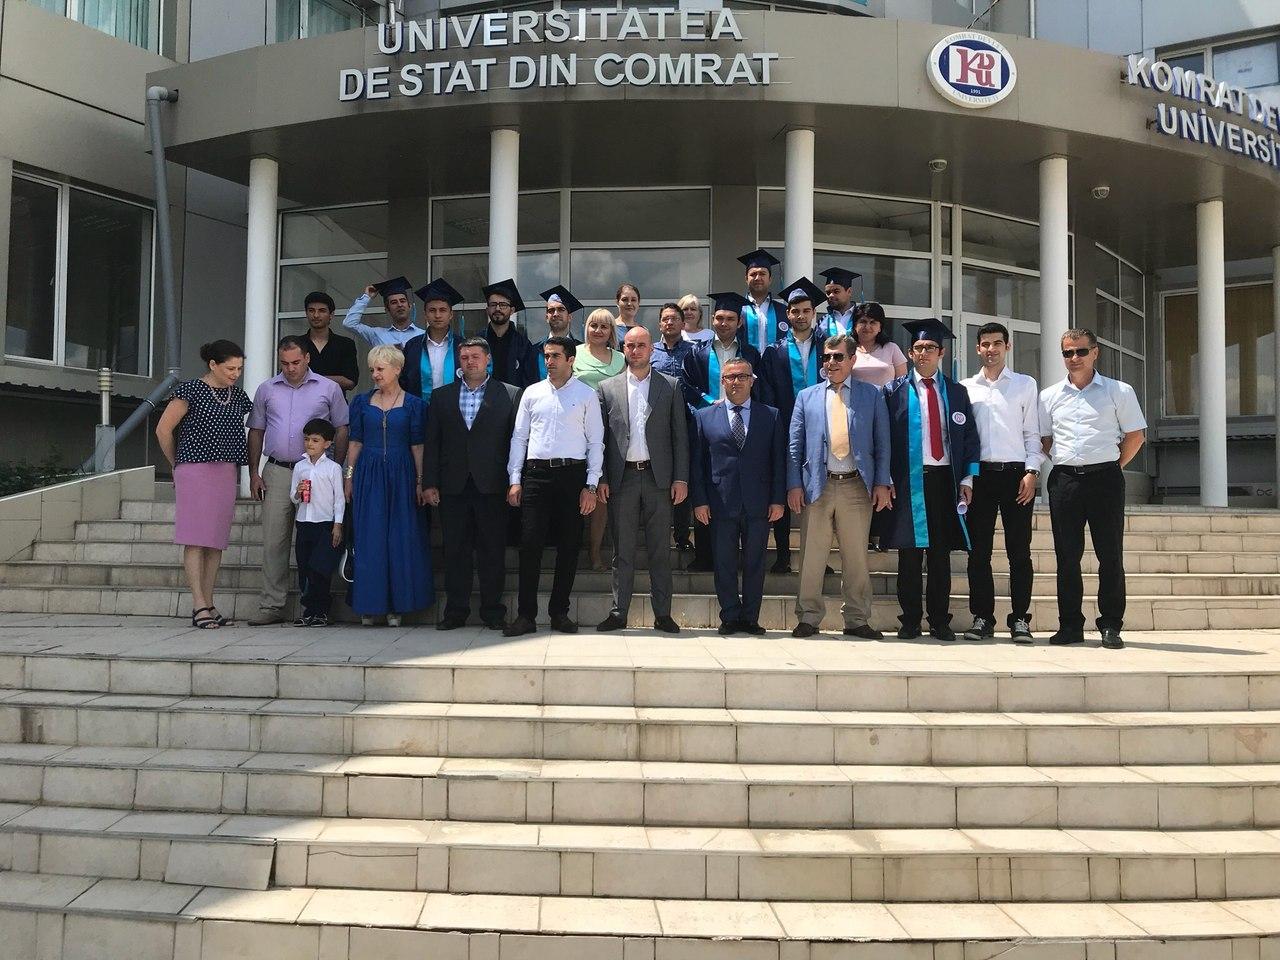 Сергей Анастасов принял участие в церемонии вручения дипломов КГУ студентам из Республики Турция